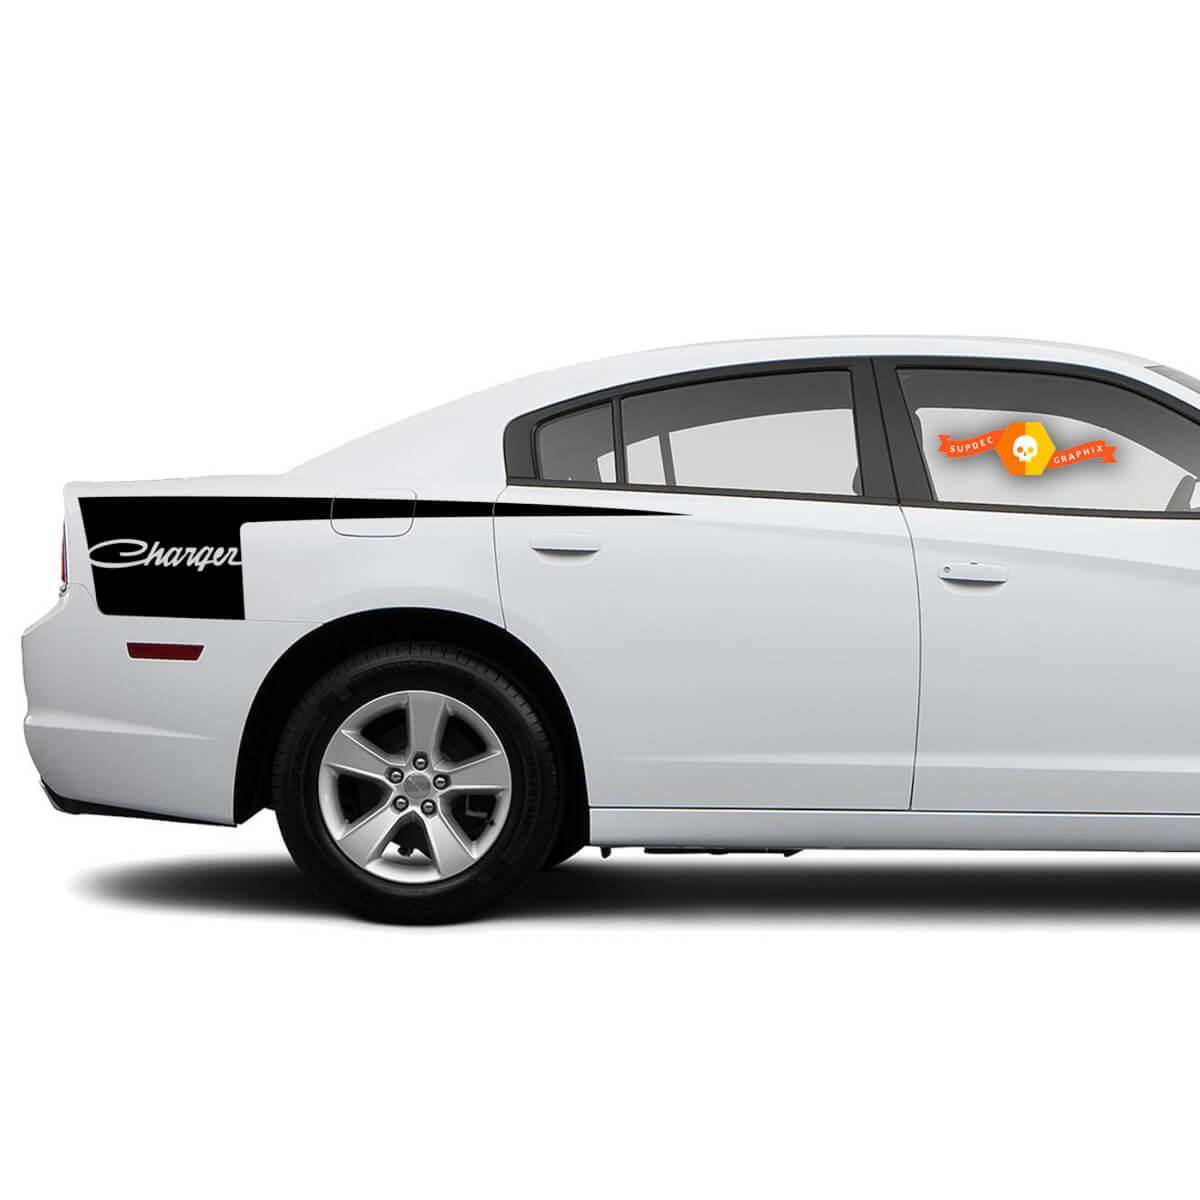 Dodge Charger Retro Seite Beil Streifen Aufkleber Aufkleber Grafiken passt zu Modellen 2011-2014